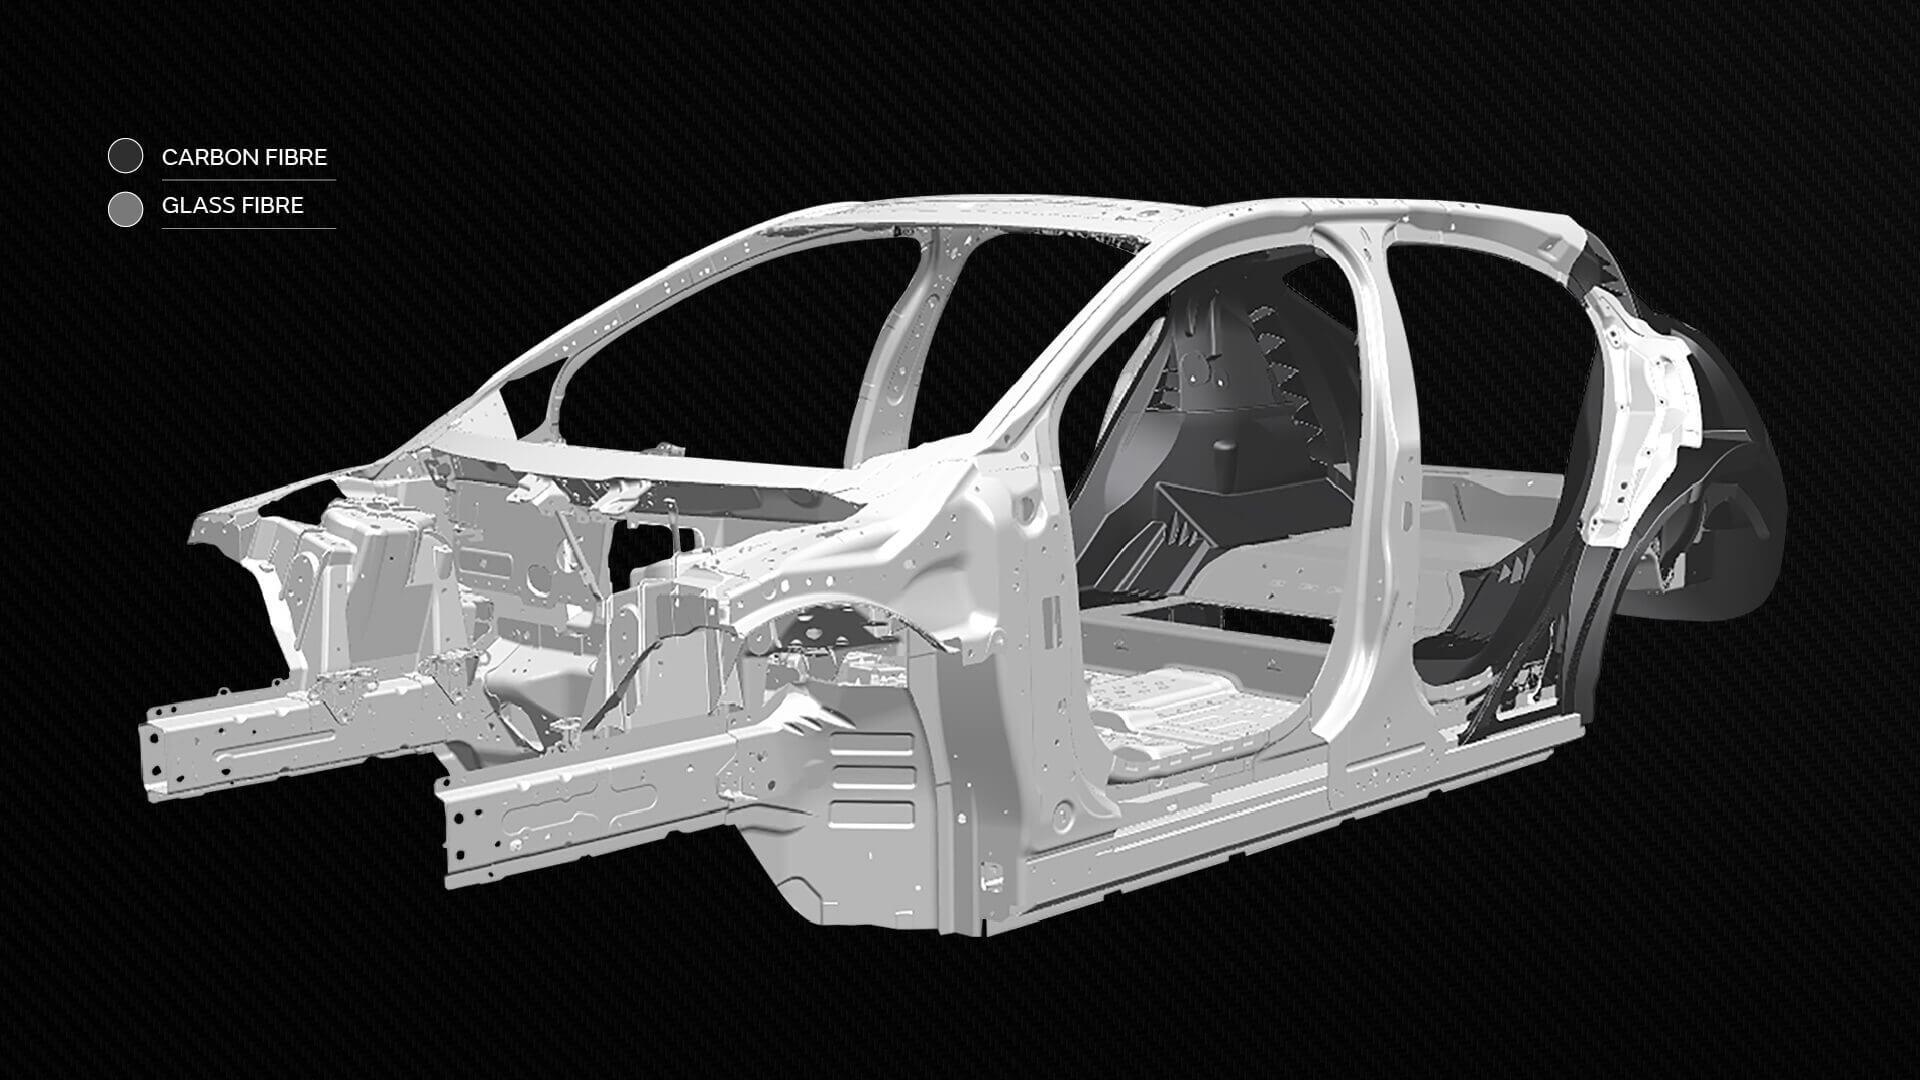 Проект Tucana: JLR разрабатывает инновационные композитные материалы для будущих электромобилей